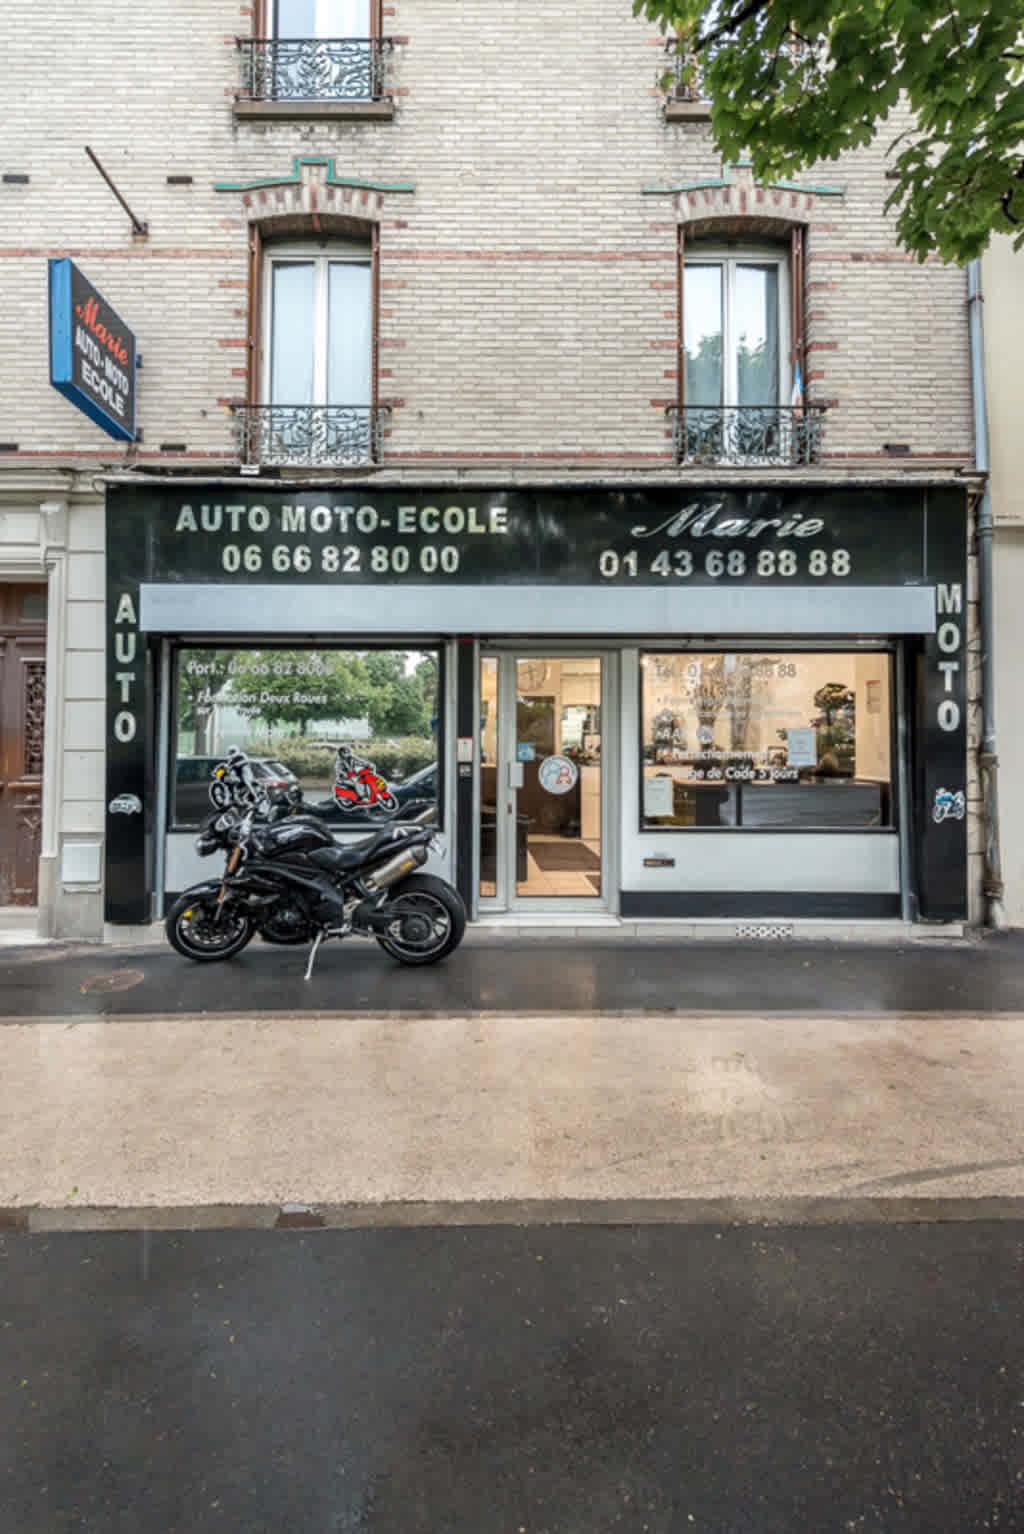 Marie Auto-moto-école - Maisons-Alfort